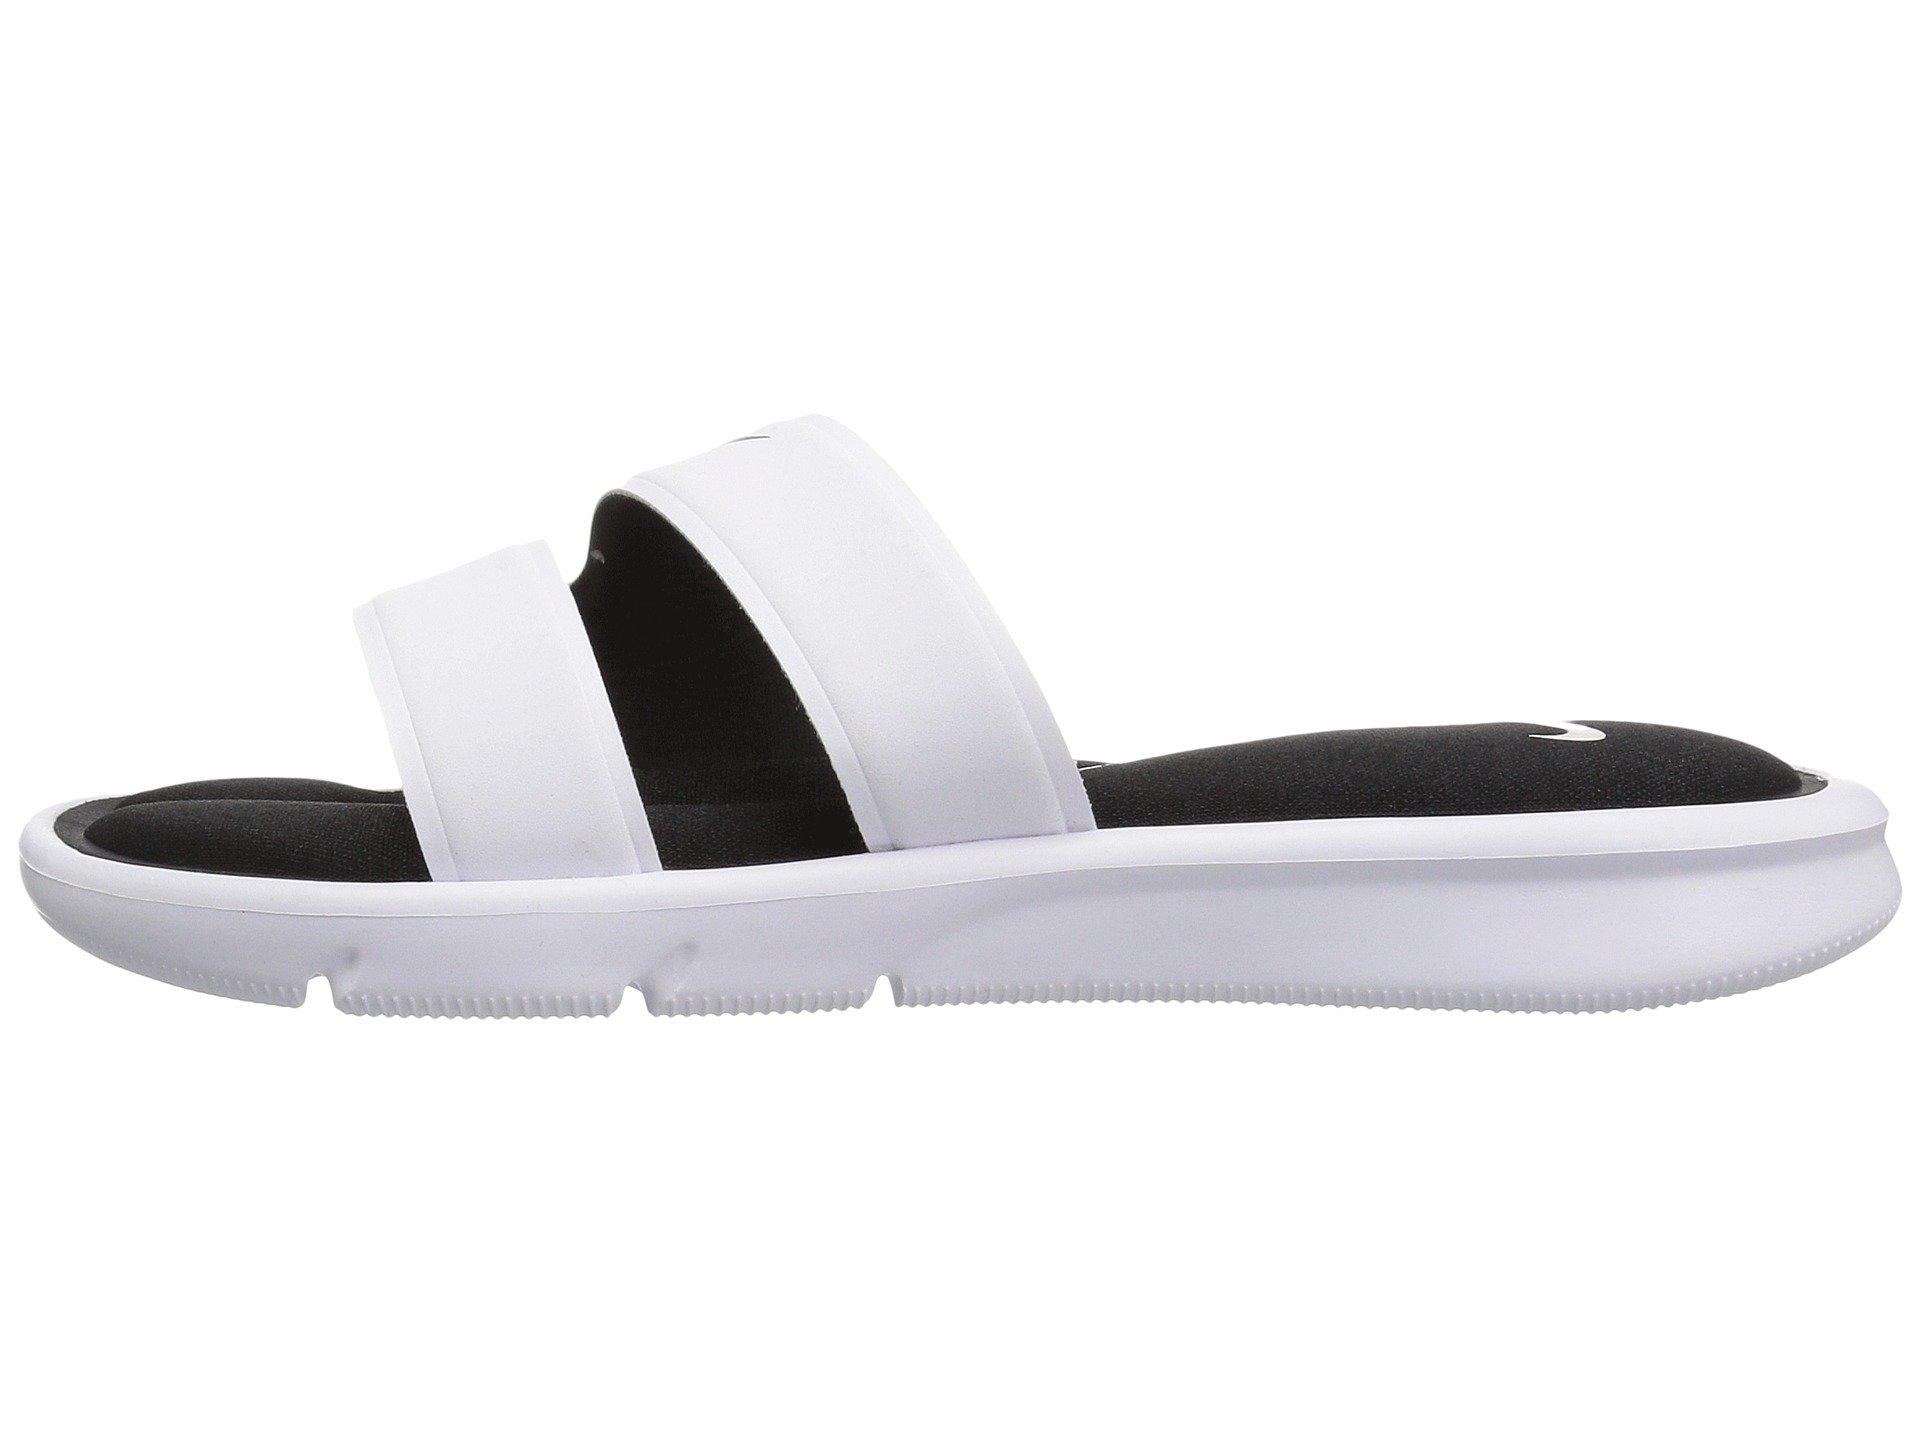 NIKE Women's Ultra Comfort Slide Athletic Sandal, White/Black, 8 B(M) US